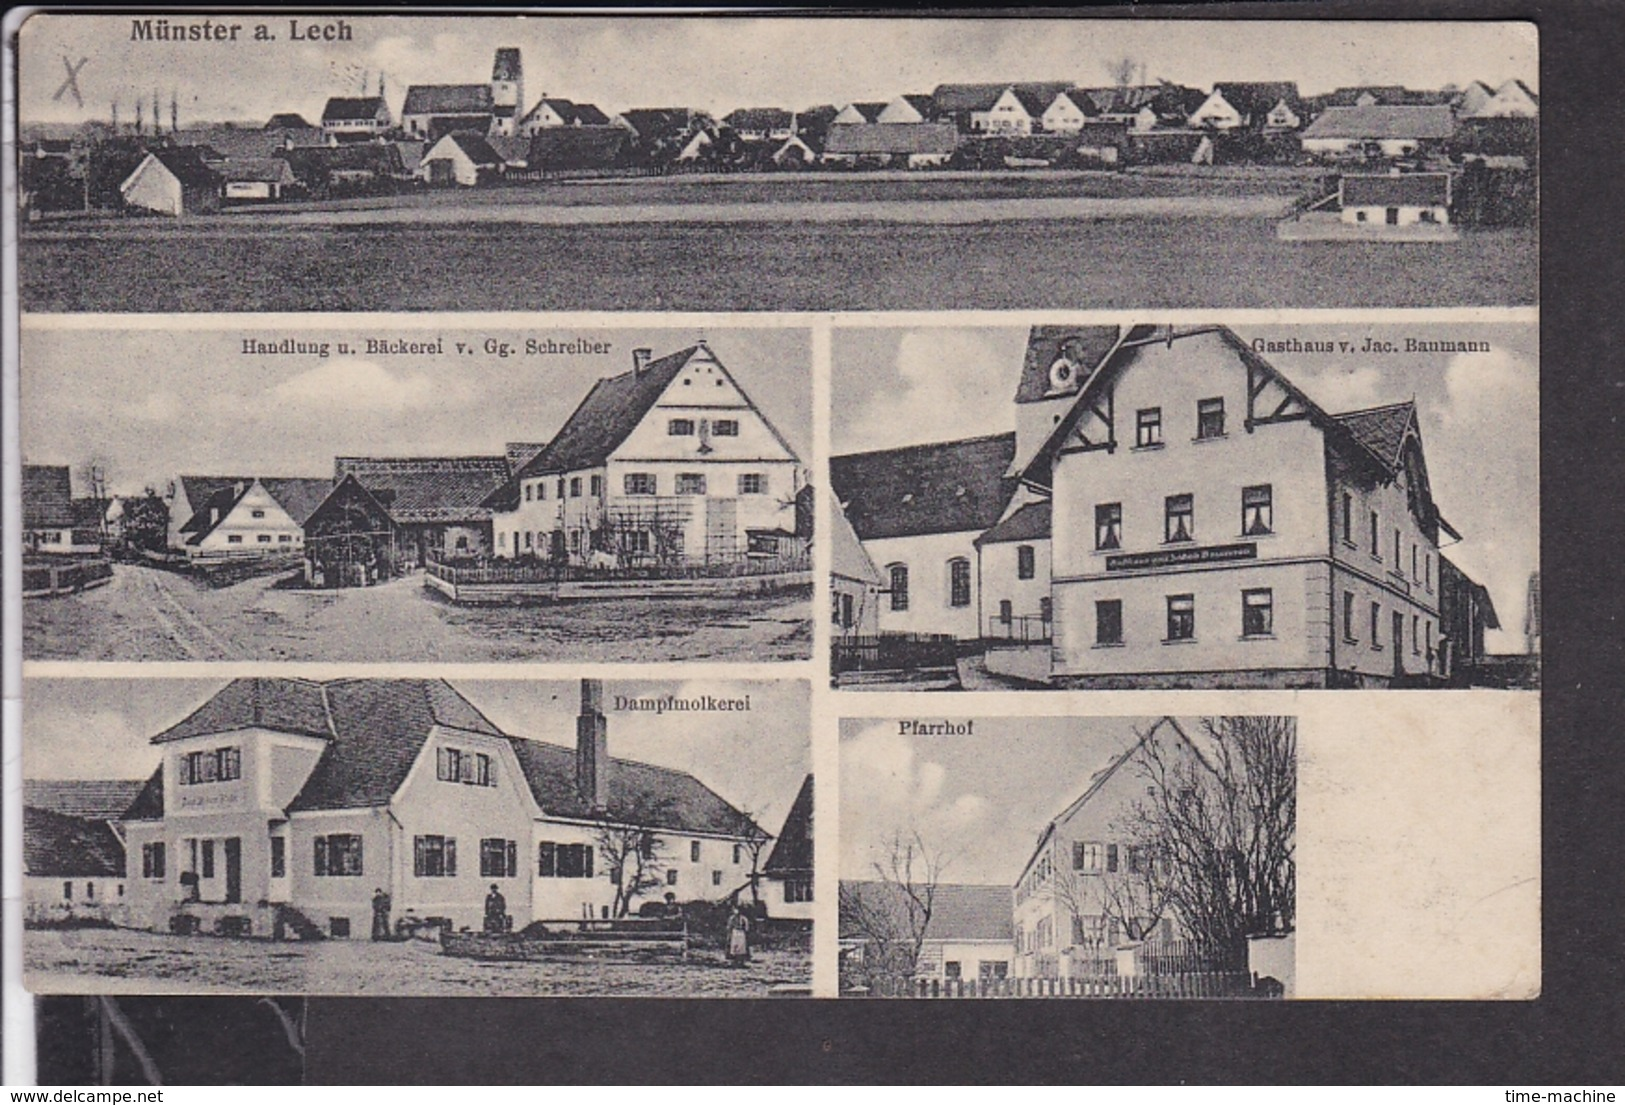 Münster Am Lech  , Bei Rain Am Lech  1920  U.a Gasthaus , Dampfmolkerei , Handlung/Bäckerei Schreiber 1920 - Other